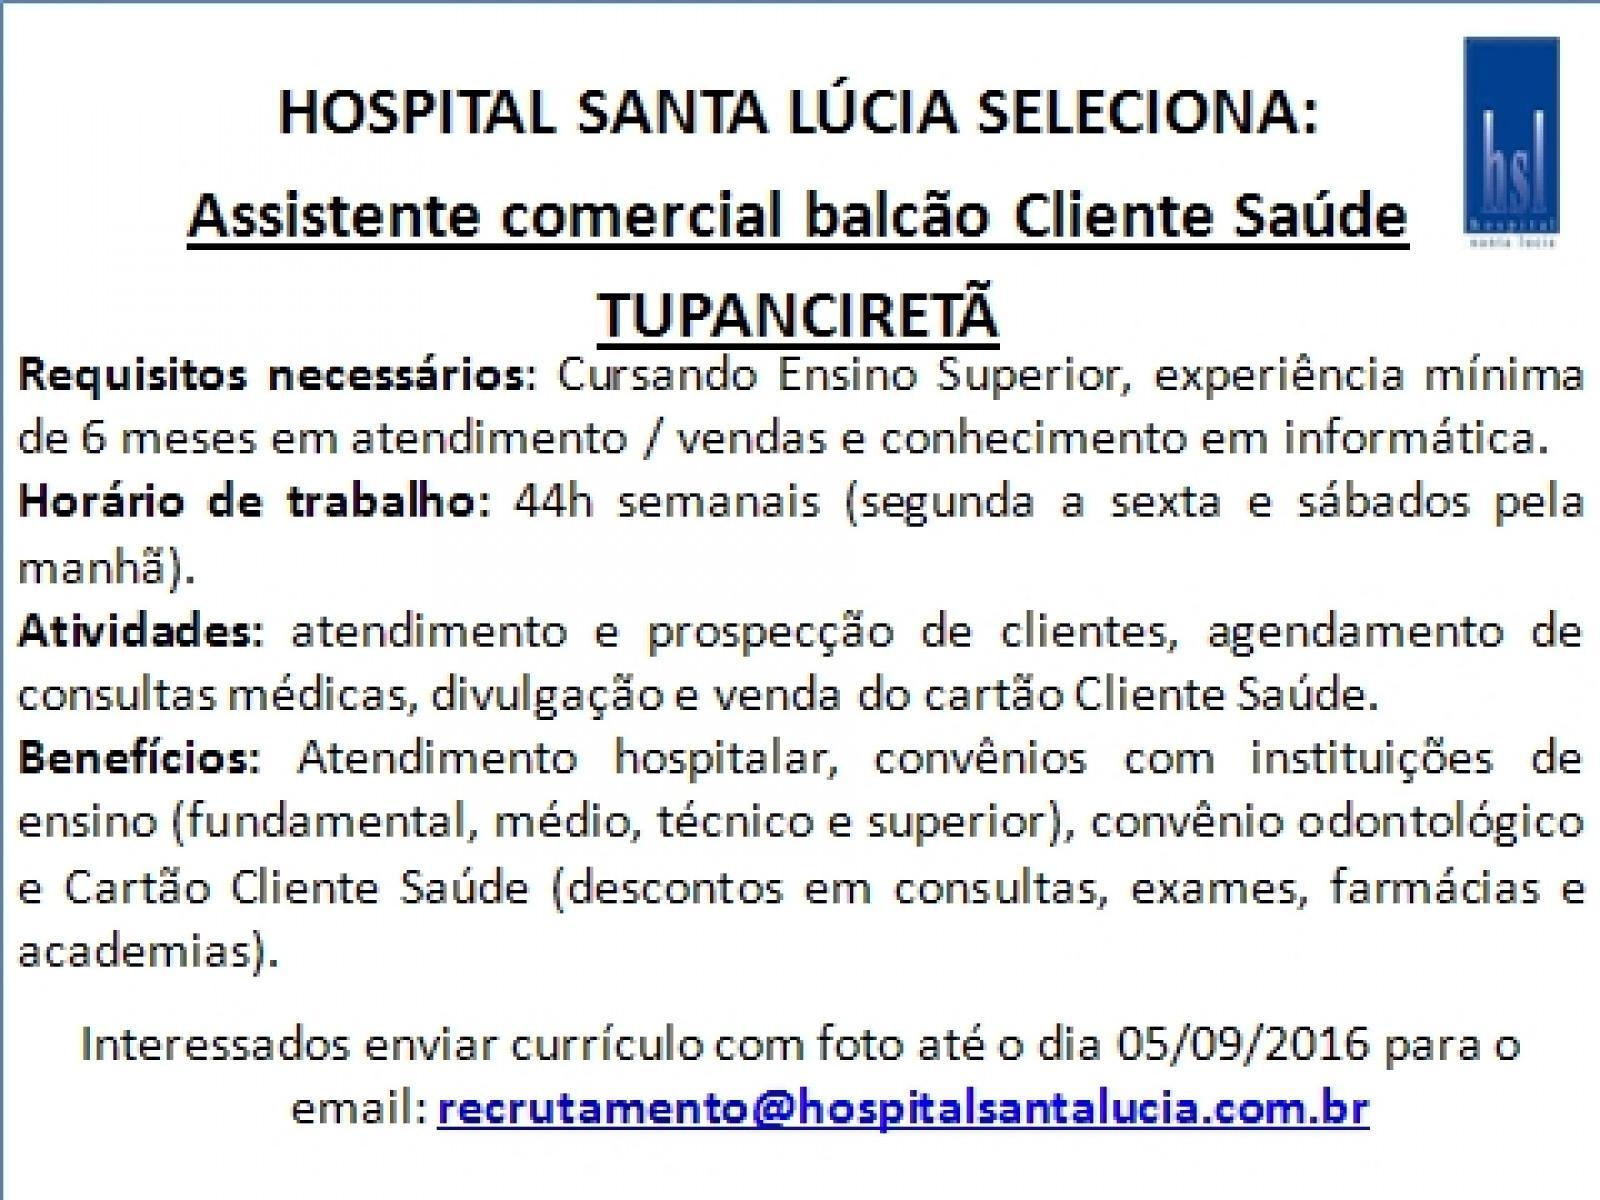 Oportunidade em Tupanciretã - Assistente Comercial Balcão Cliente Saúde